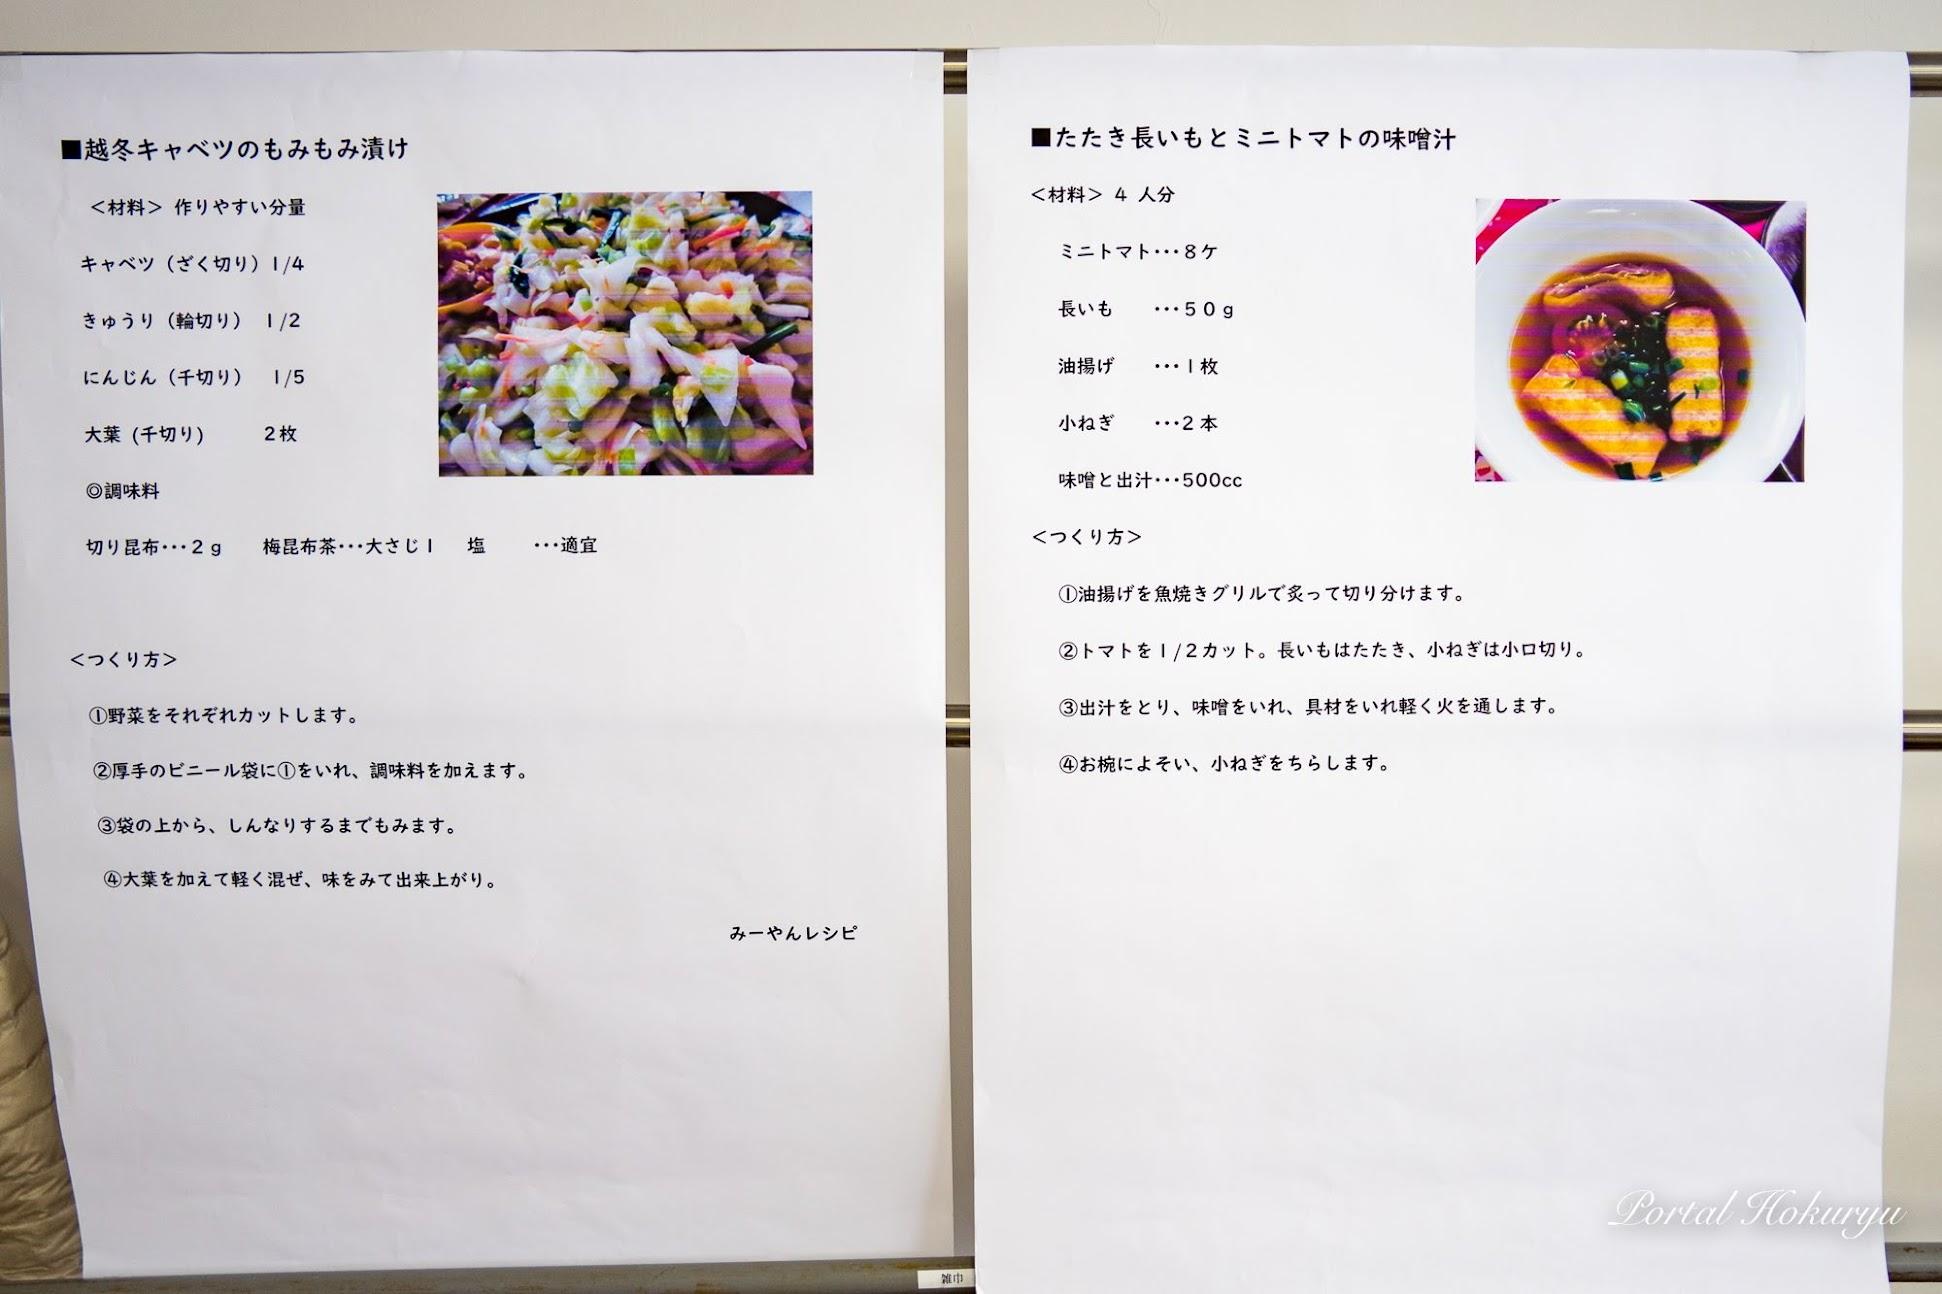 レシピ(越冬キャベツのサラダ漬け、たたき長芋とミニトマトの味噌汁)